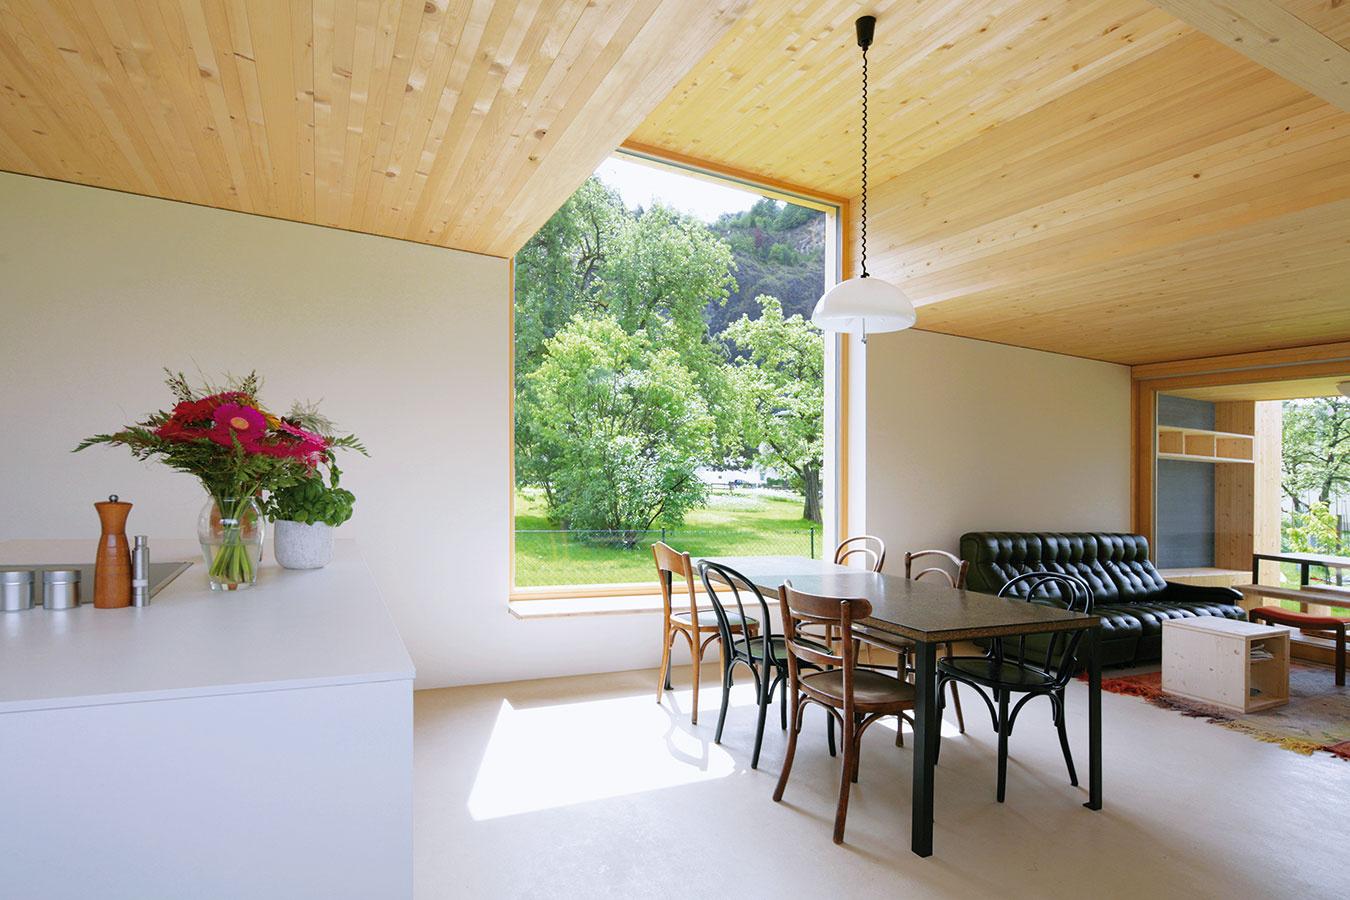 Srdcom prízemia je otvorený obytný priestor, kde na seba vpredĺženom pôdoryse logicky nadväzujú kuchyňa, jedáleň aobývačka. Interiér celého domu sa úprimne hlási kdrevenej konštrukcii – masívne drevené stropy sú priznané vo všetkých miestnostiach.